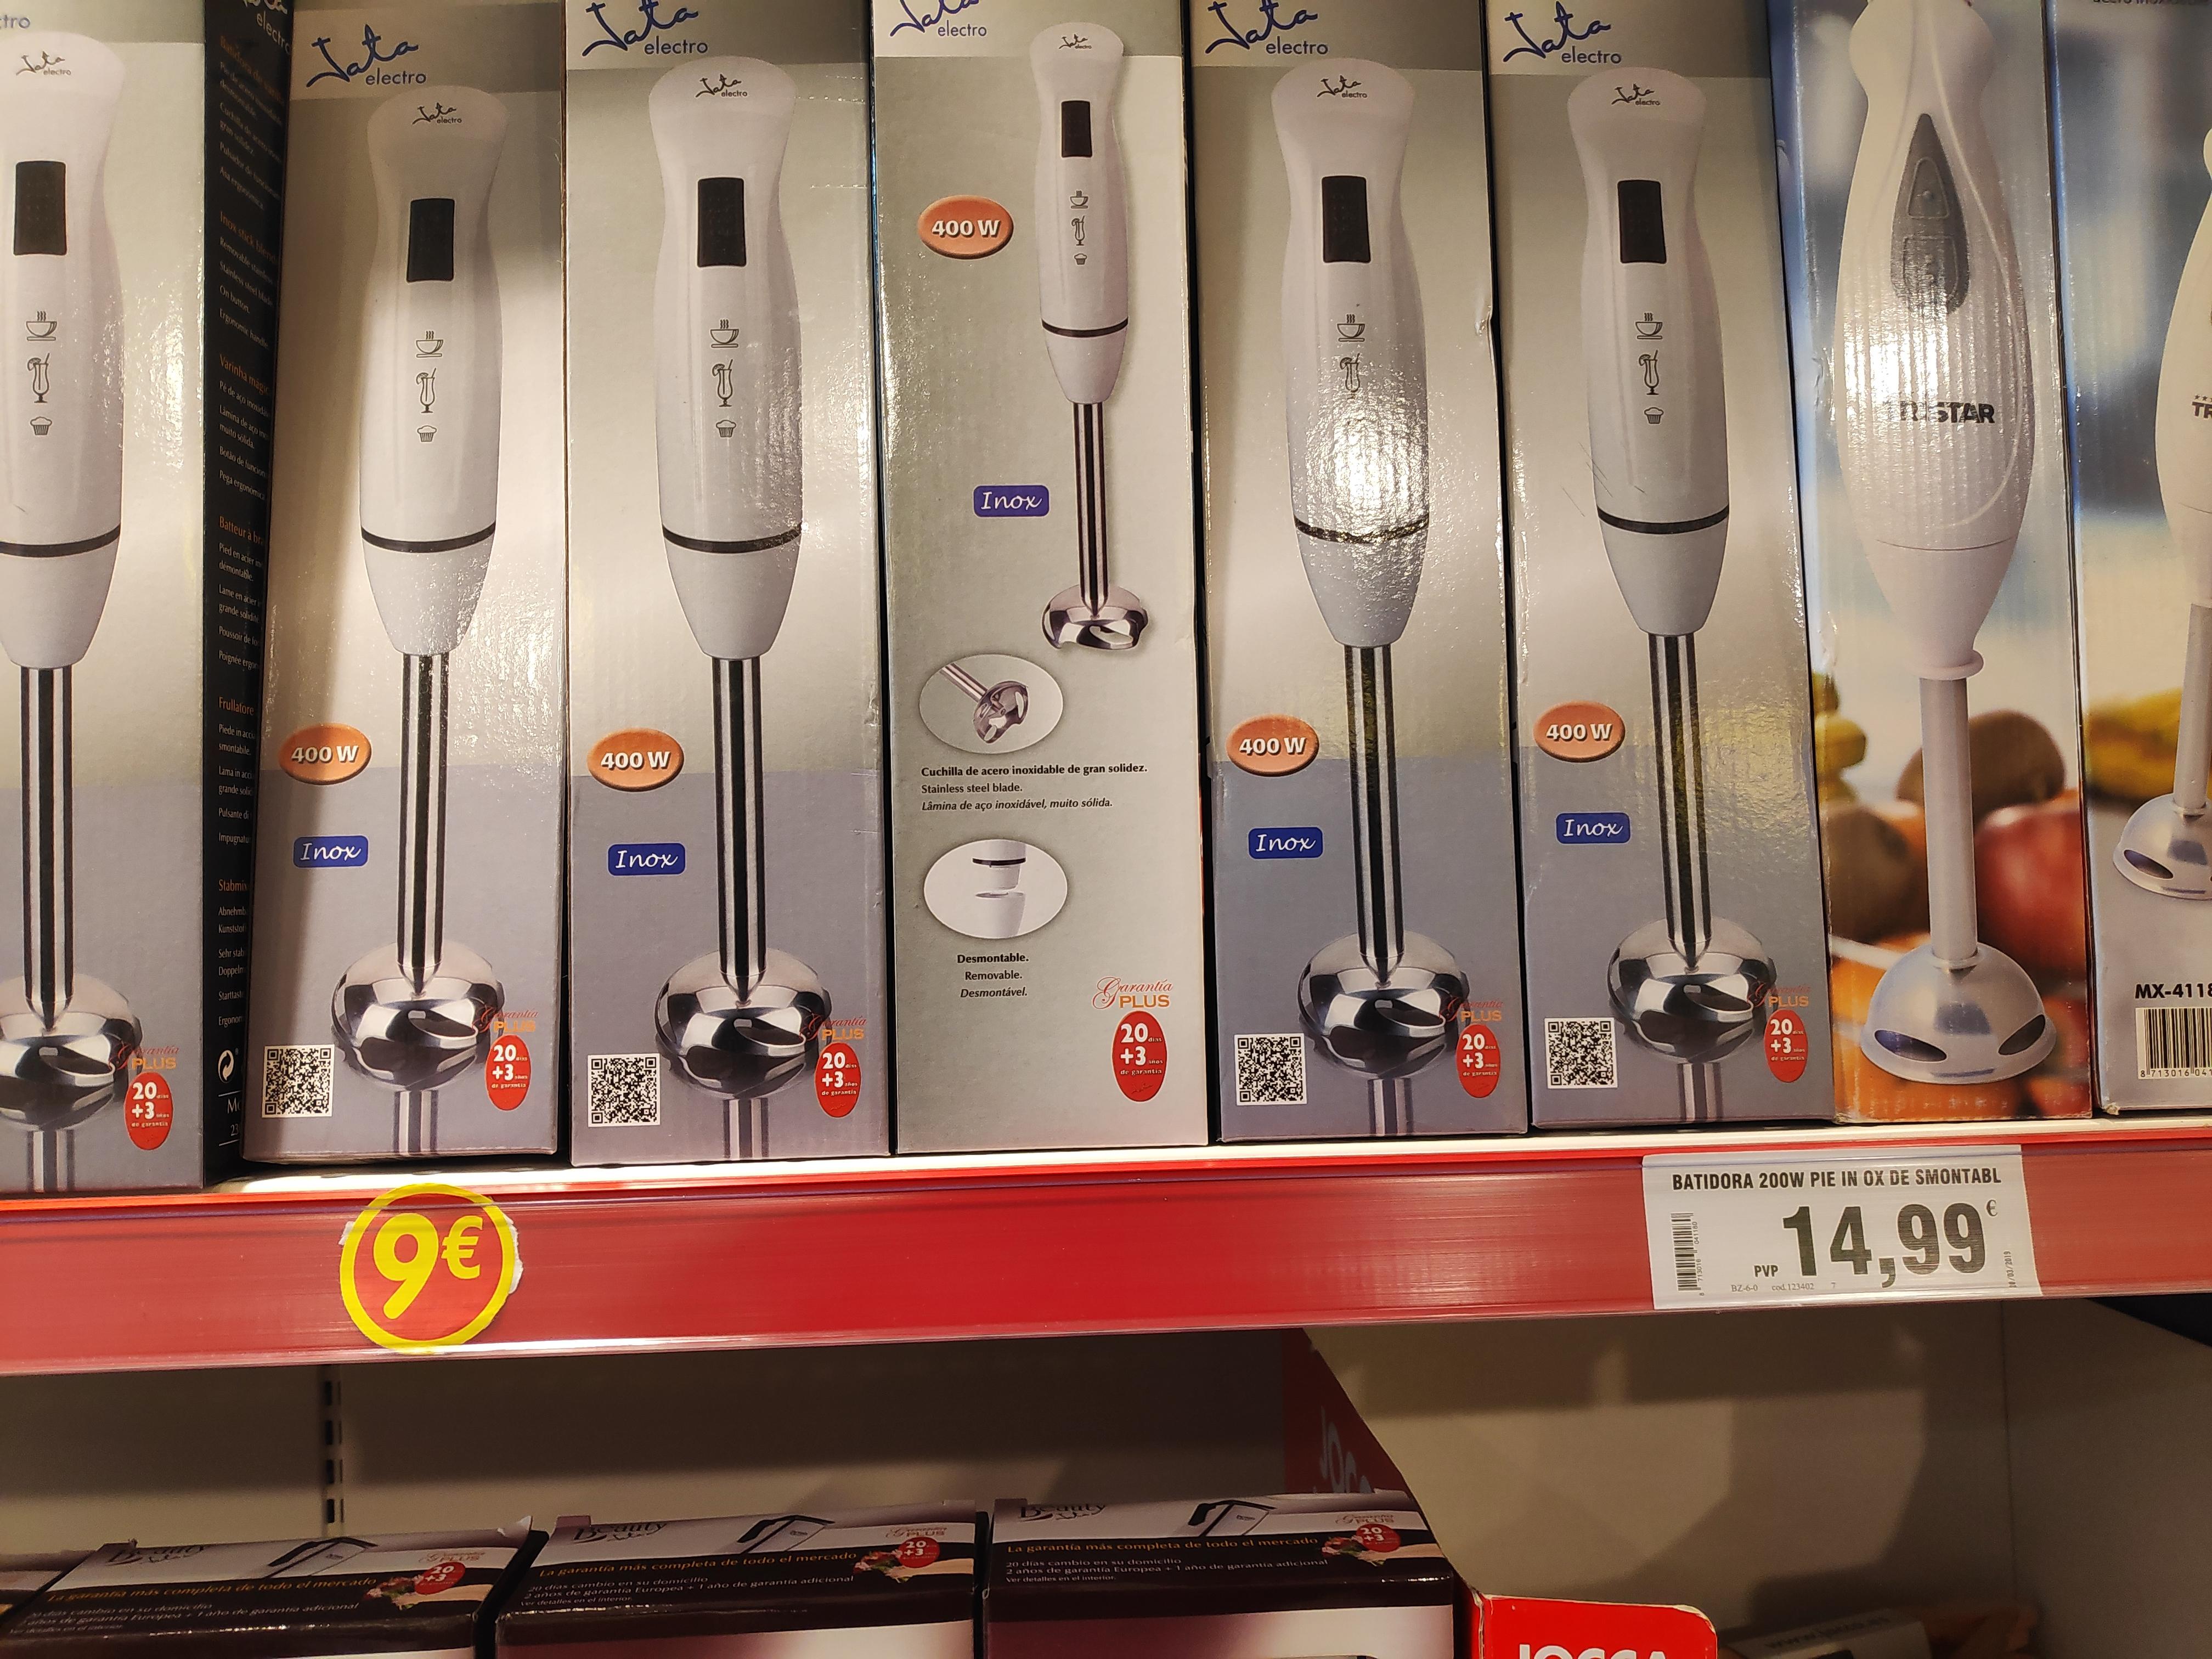 Batidora Jata 400w 9€ y foco LED para exterior 7€